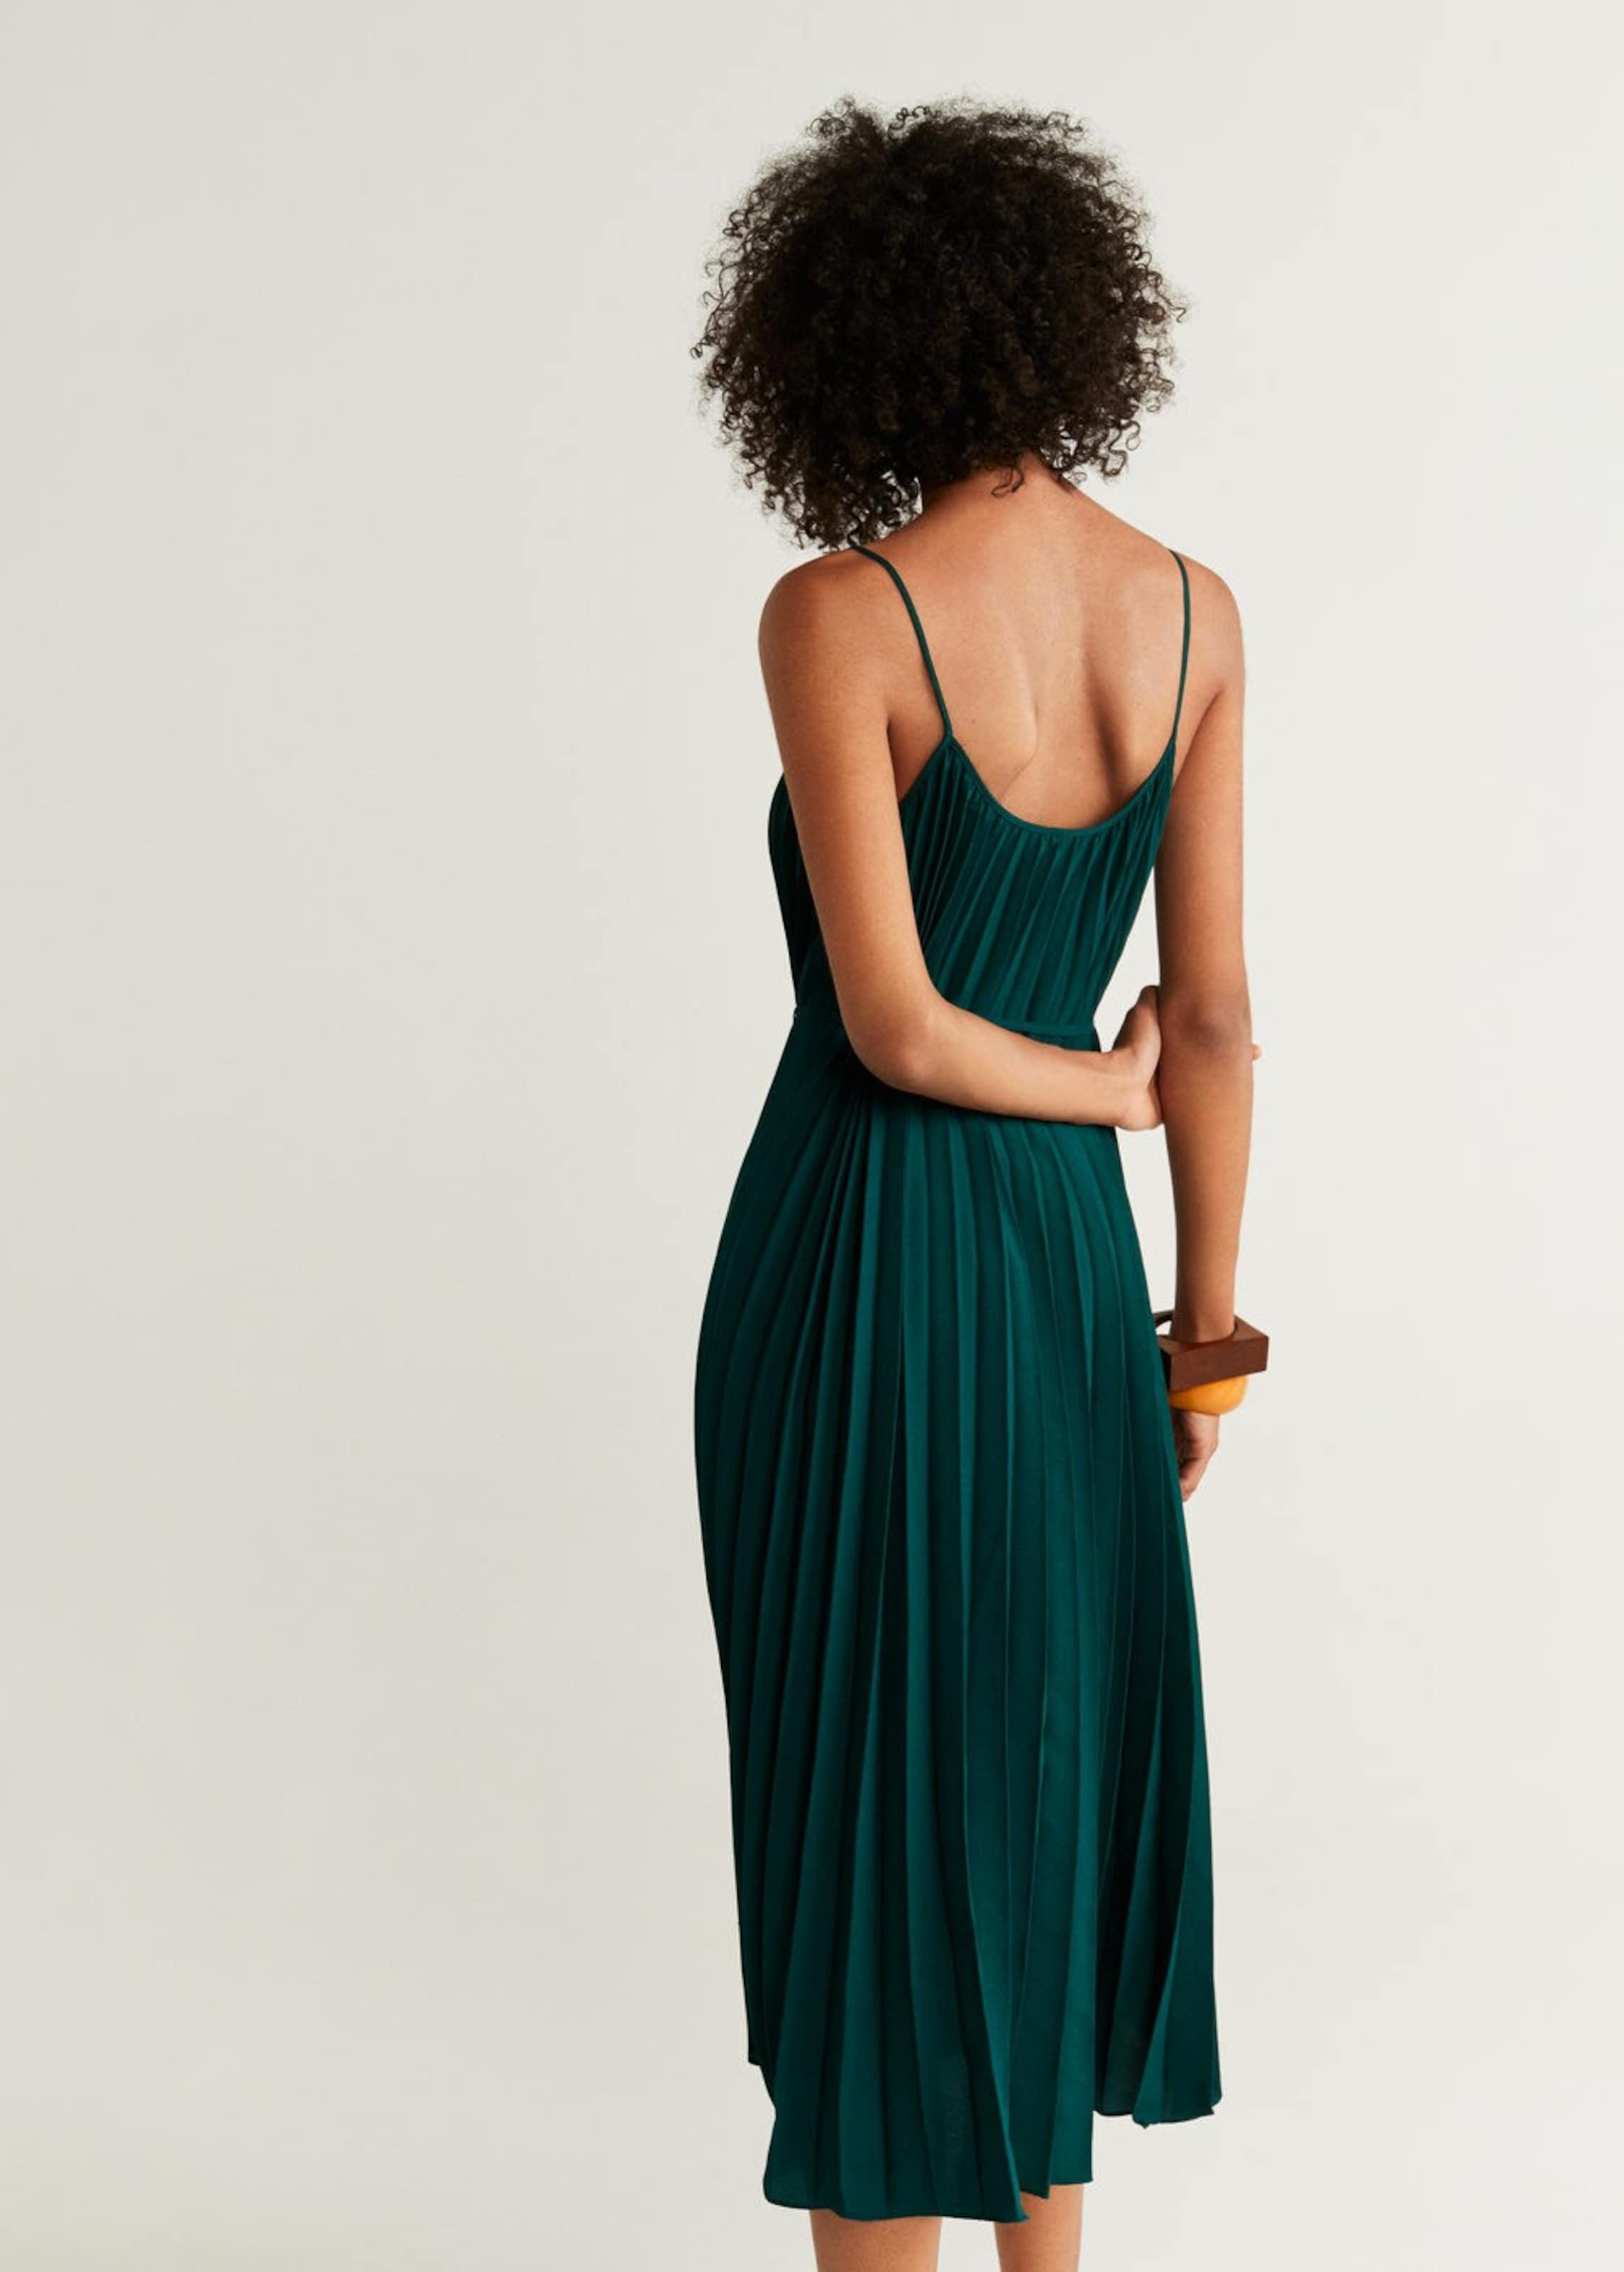 Mango Kleid Tanne 'plisado' Mango Kleid In 6Y7bgyf